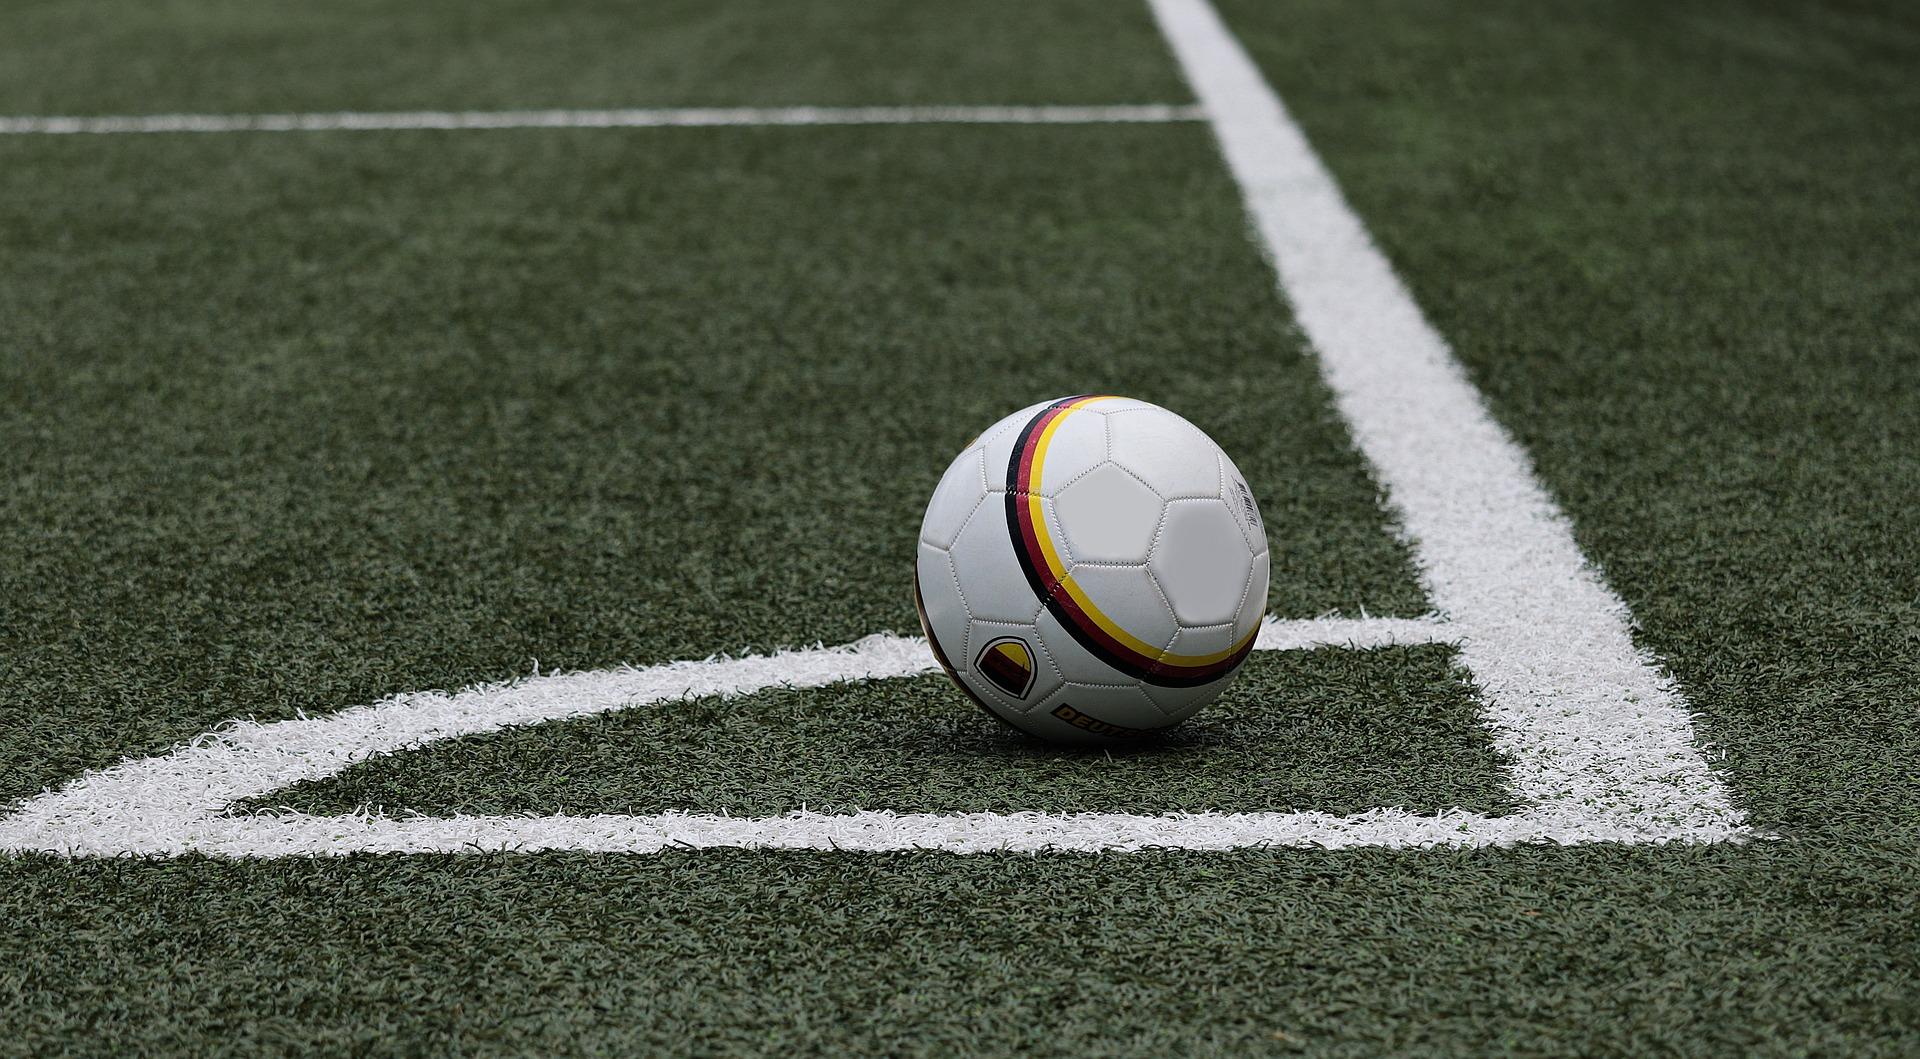 Chcesz być lepszym piłkarzem? Podpowiadamy jak to zrobić!